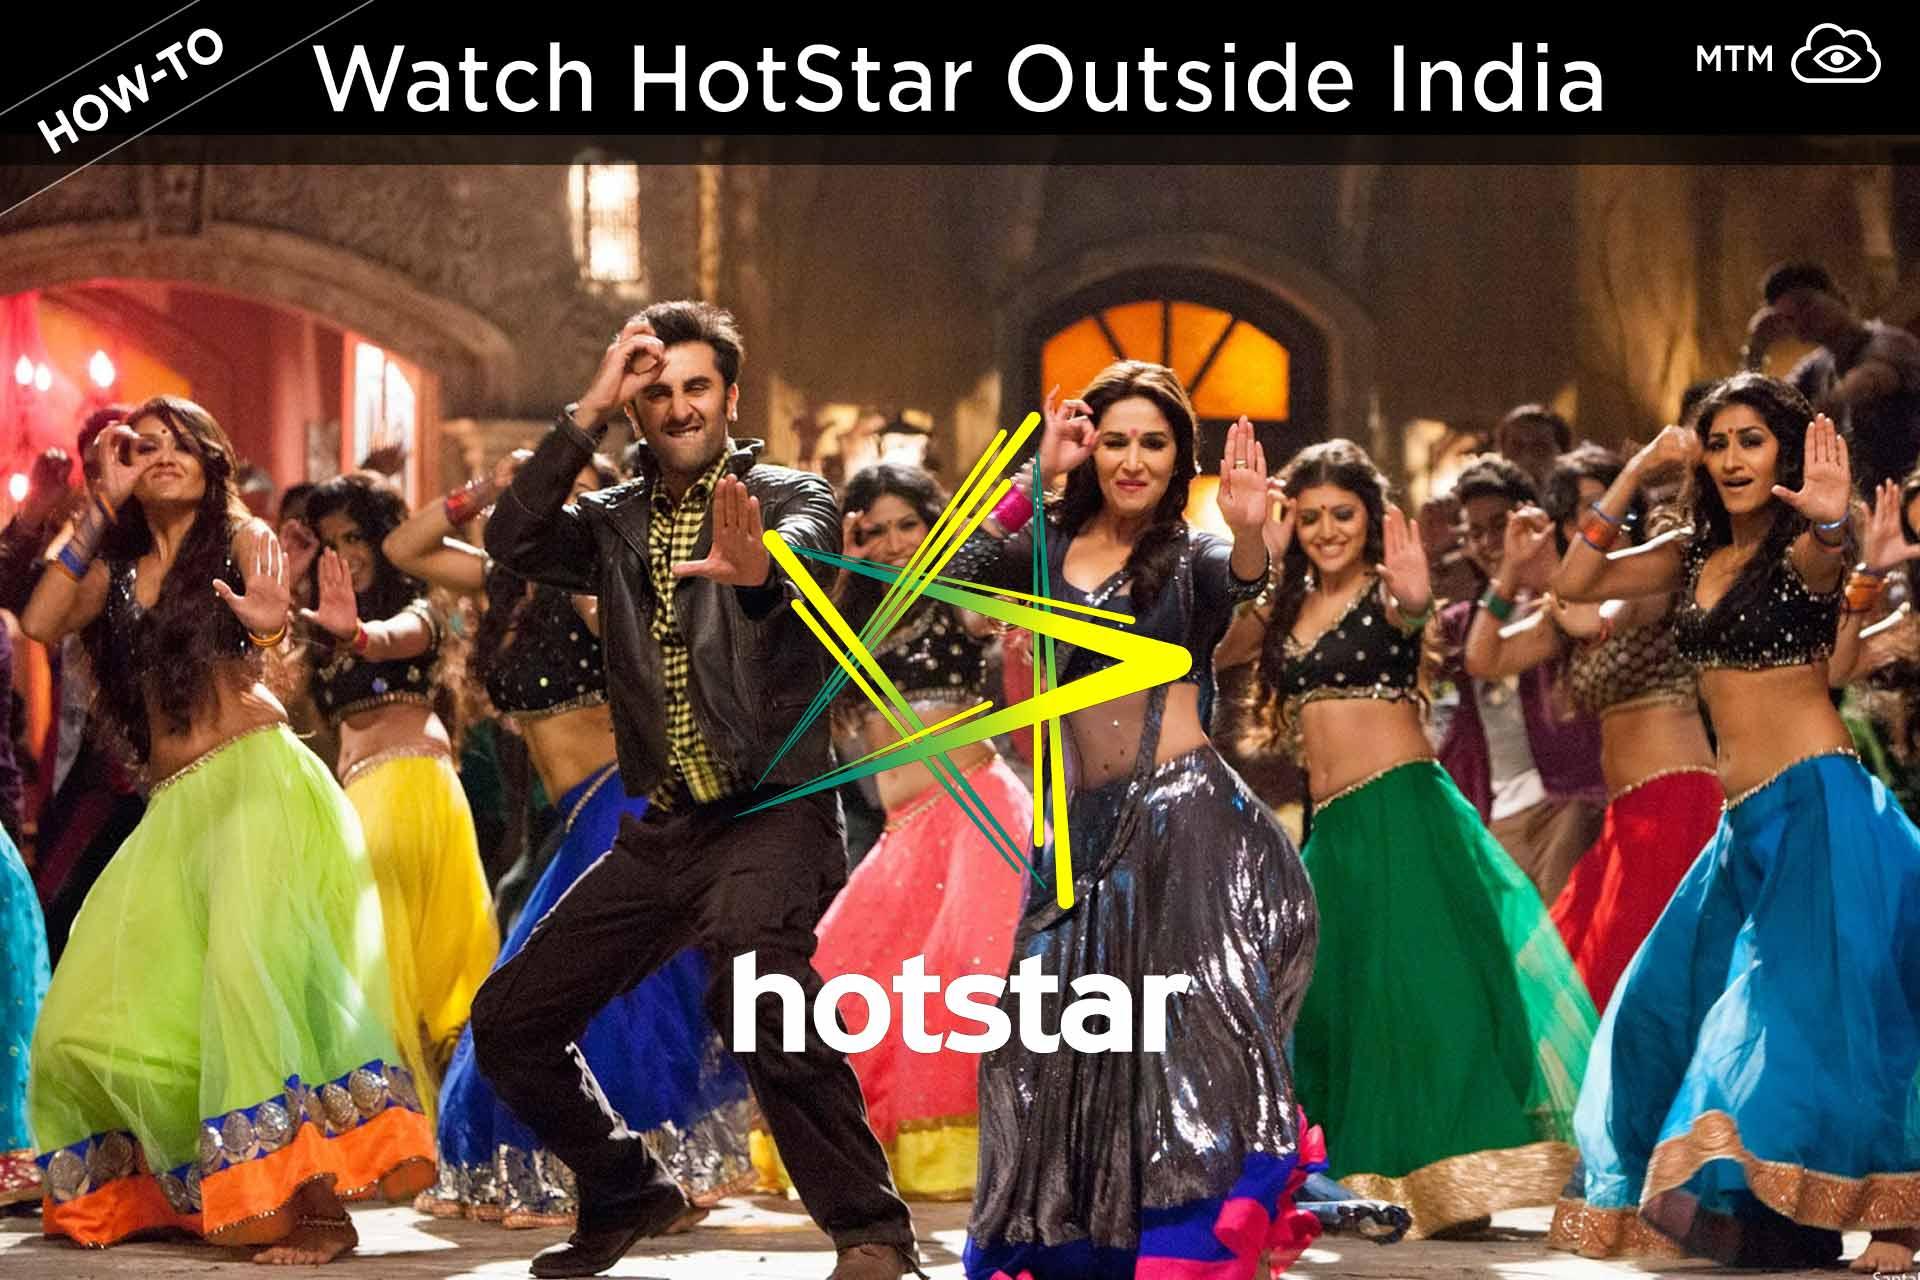 Ikusi Hotstar zuzeneko telebista, filmak, kilker eta gehiago Indiatik kanpo